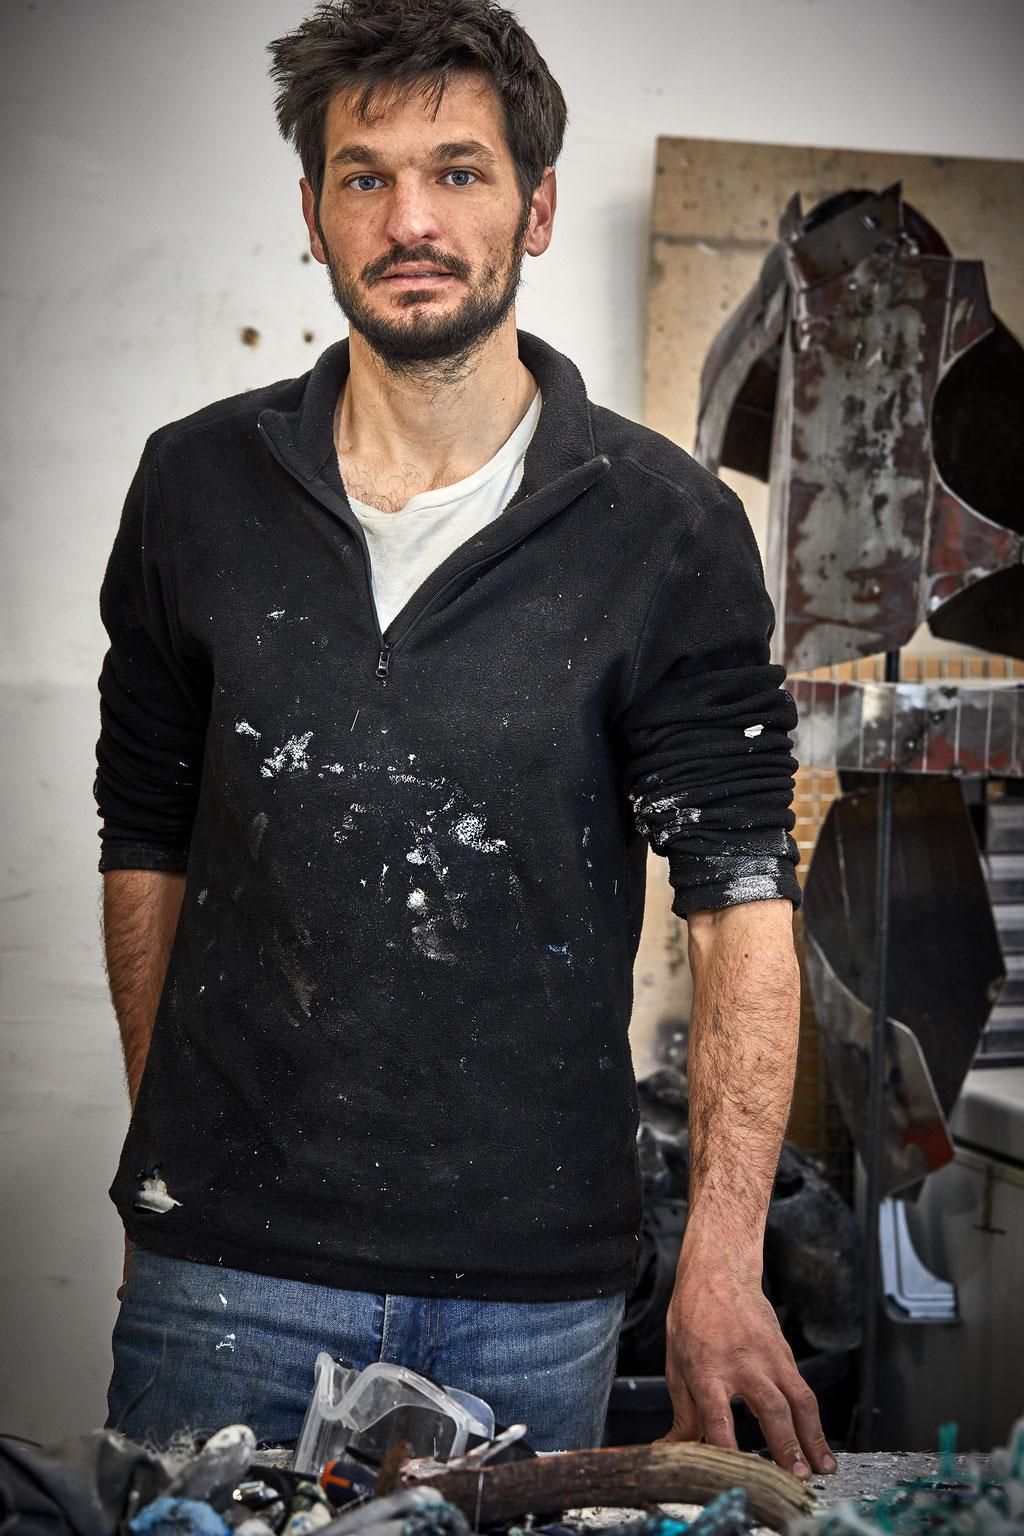 Ugo Schiavi, Artiste